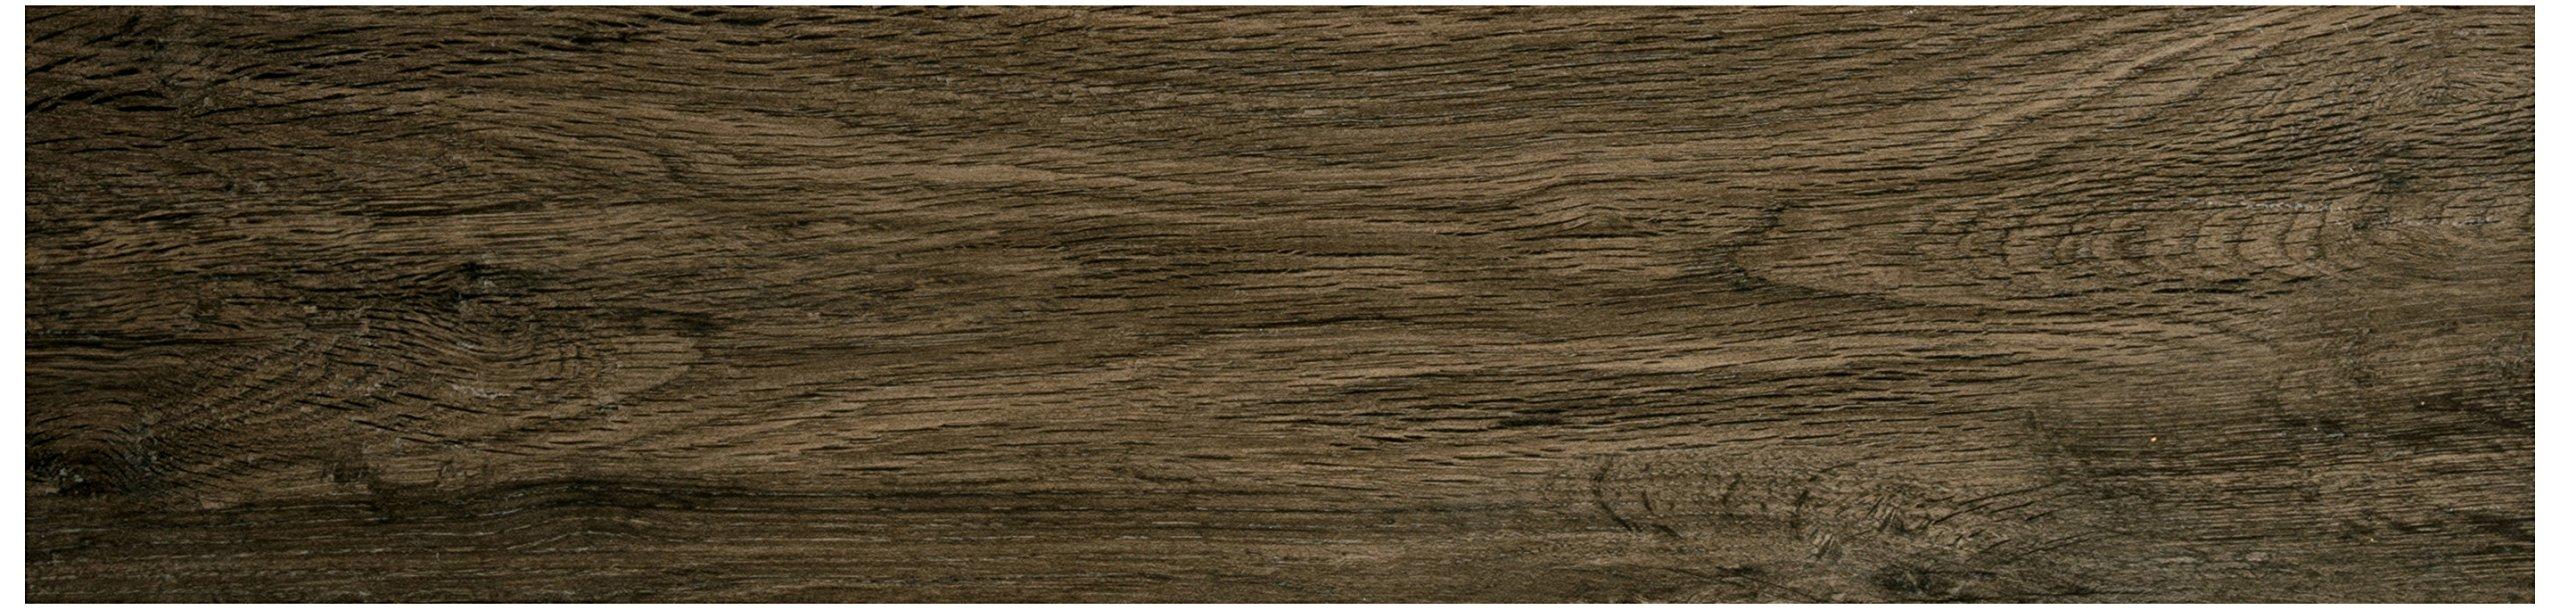 Emser Tile F78WOODME0624 Woodwork Medford - Porcelain Tile, 6 x 24''